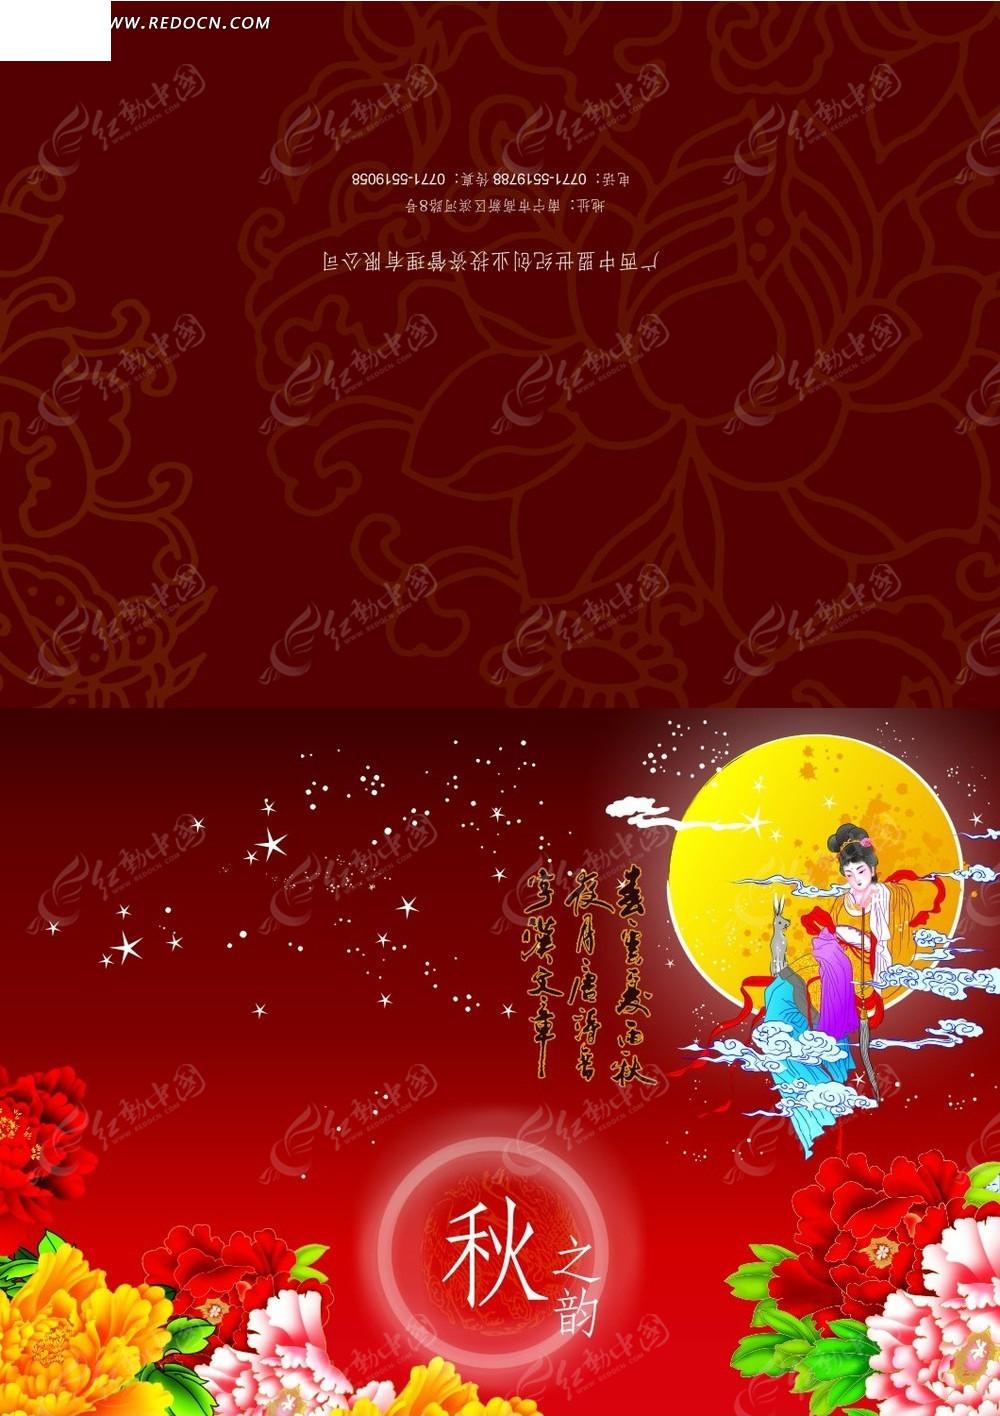 中秋节贺卡封面图片cdr素材免费下载_红动网